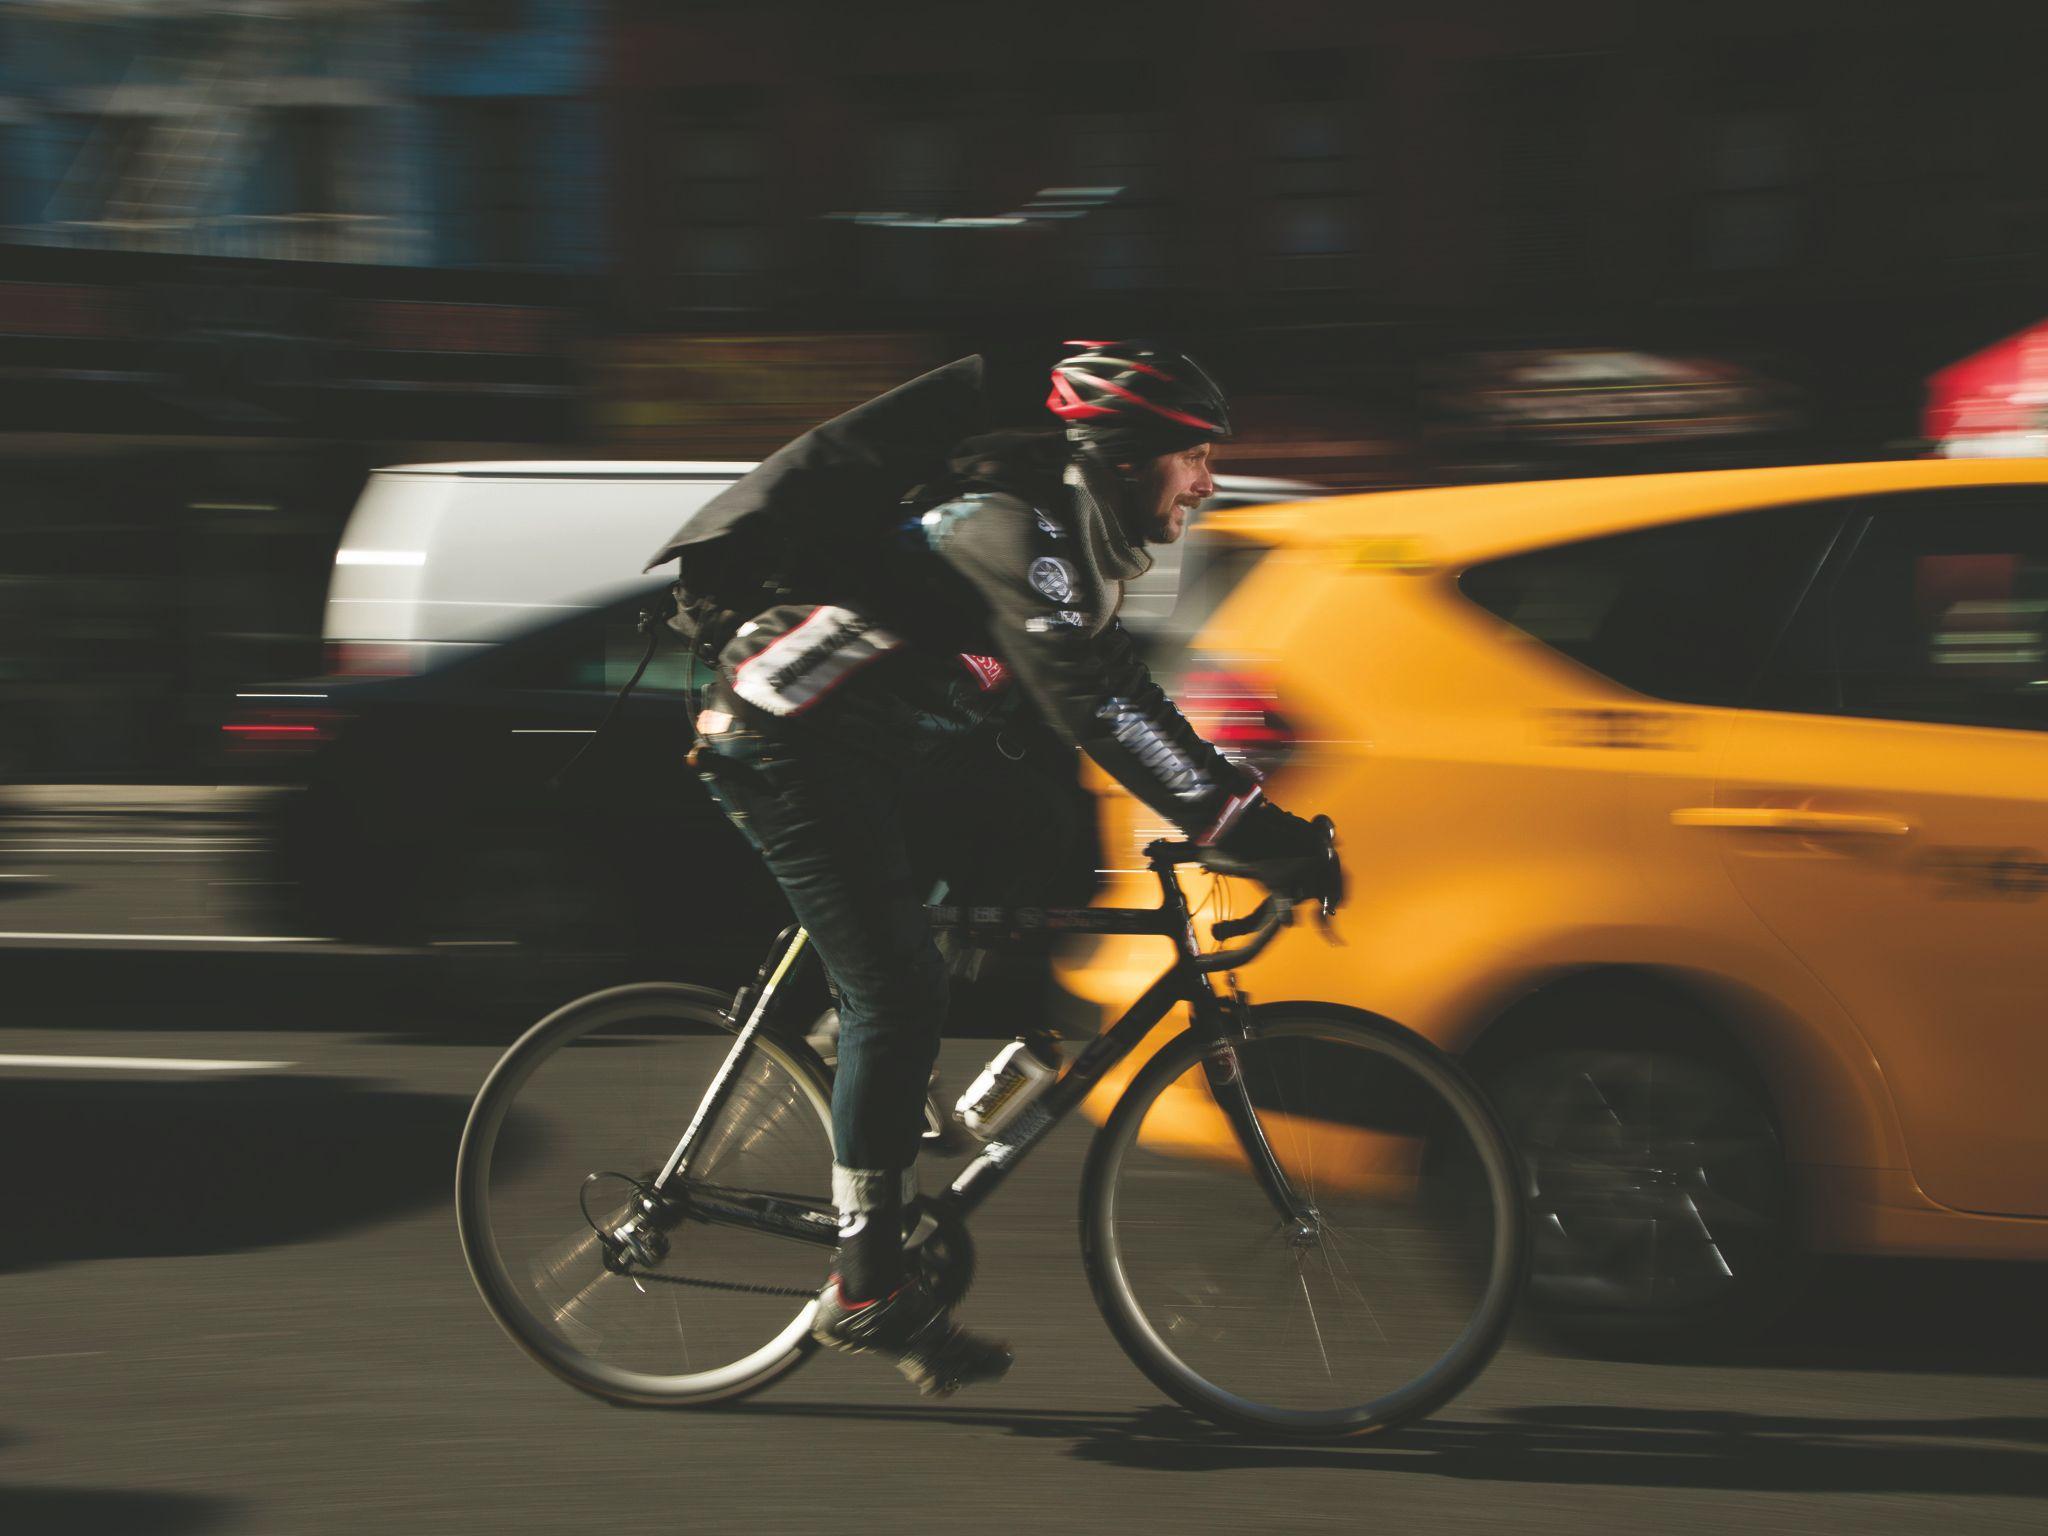 Beware around Bike Lanes